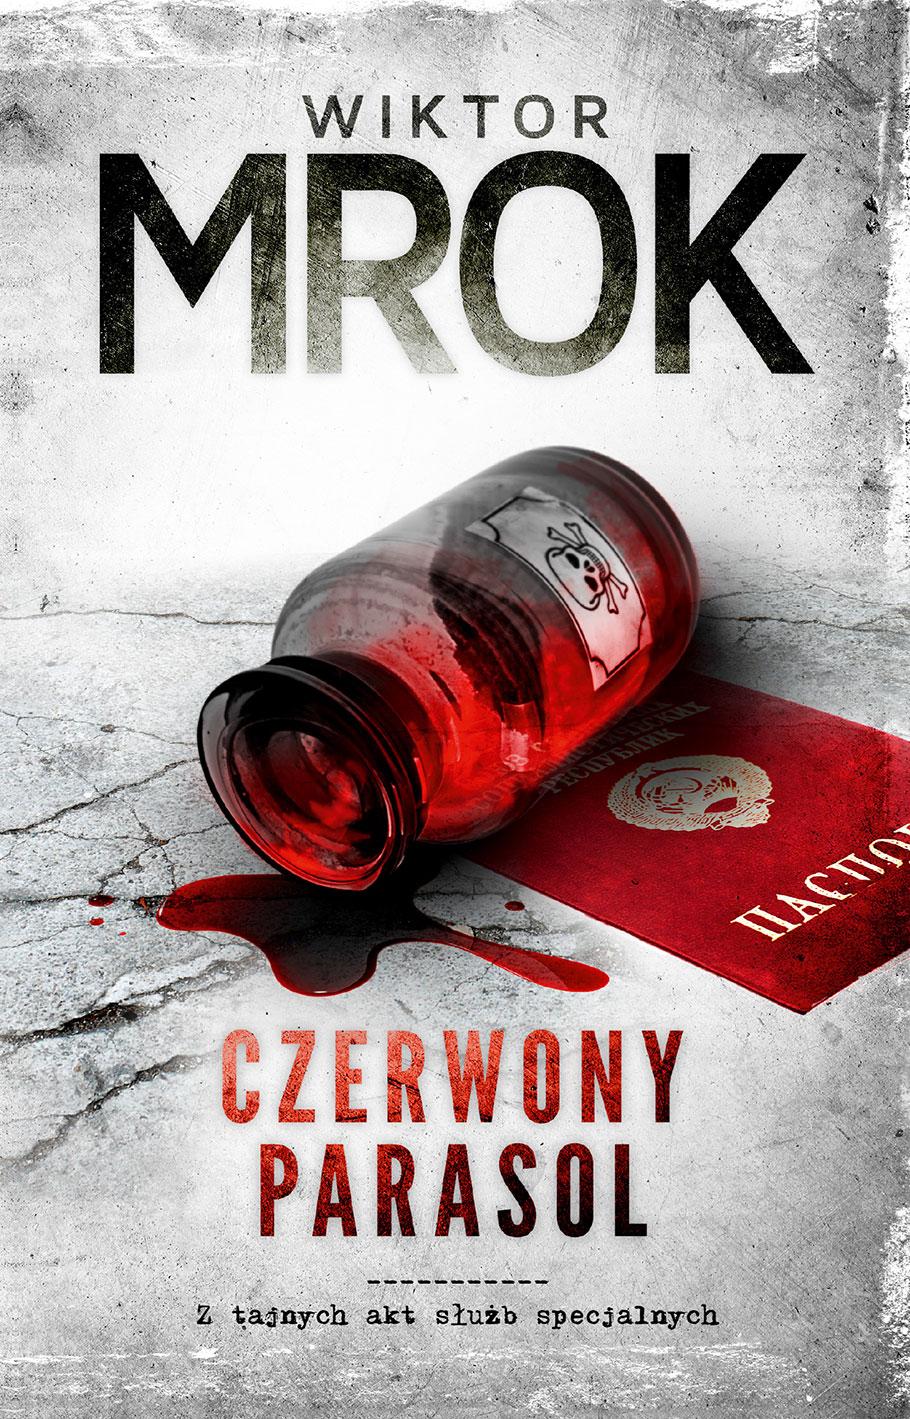 """""""Czerwony parasol"""" - Wiktor Mrok"""